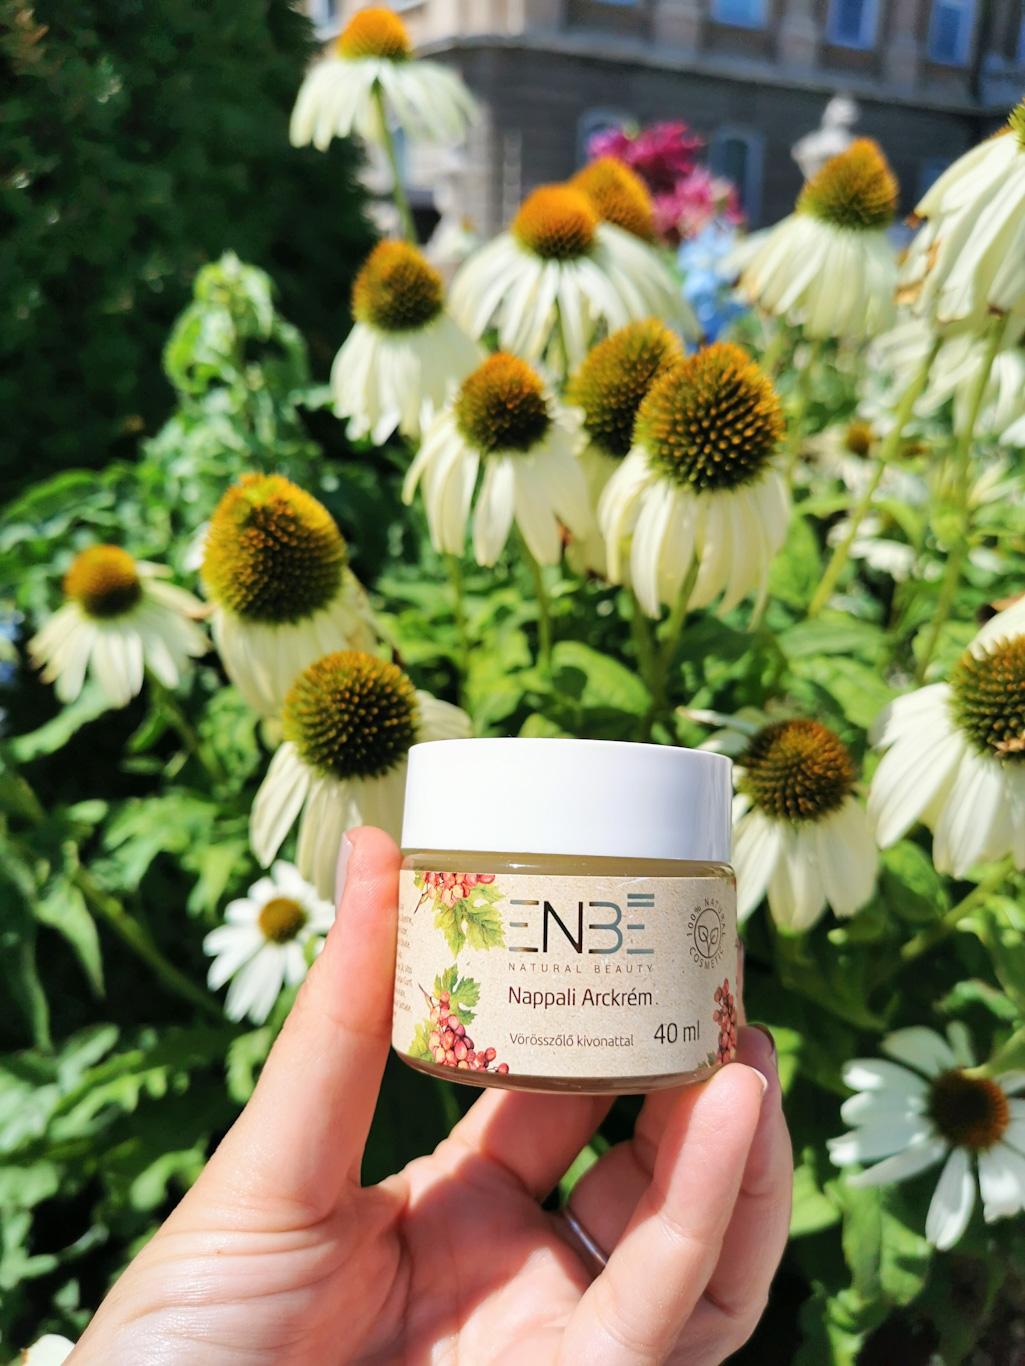 Enbé Natural Beauty 4